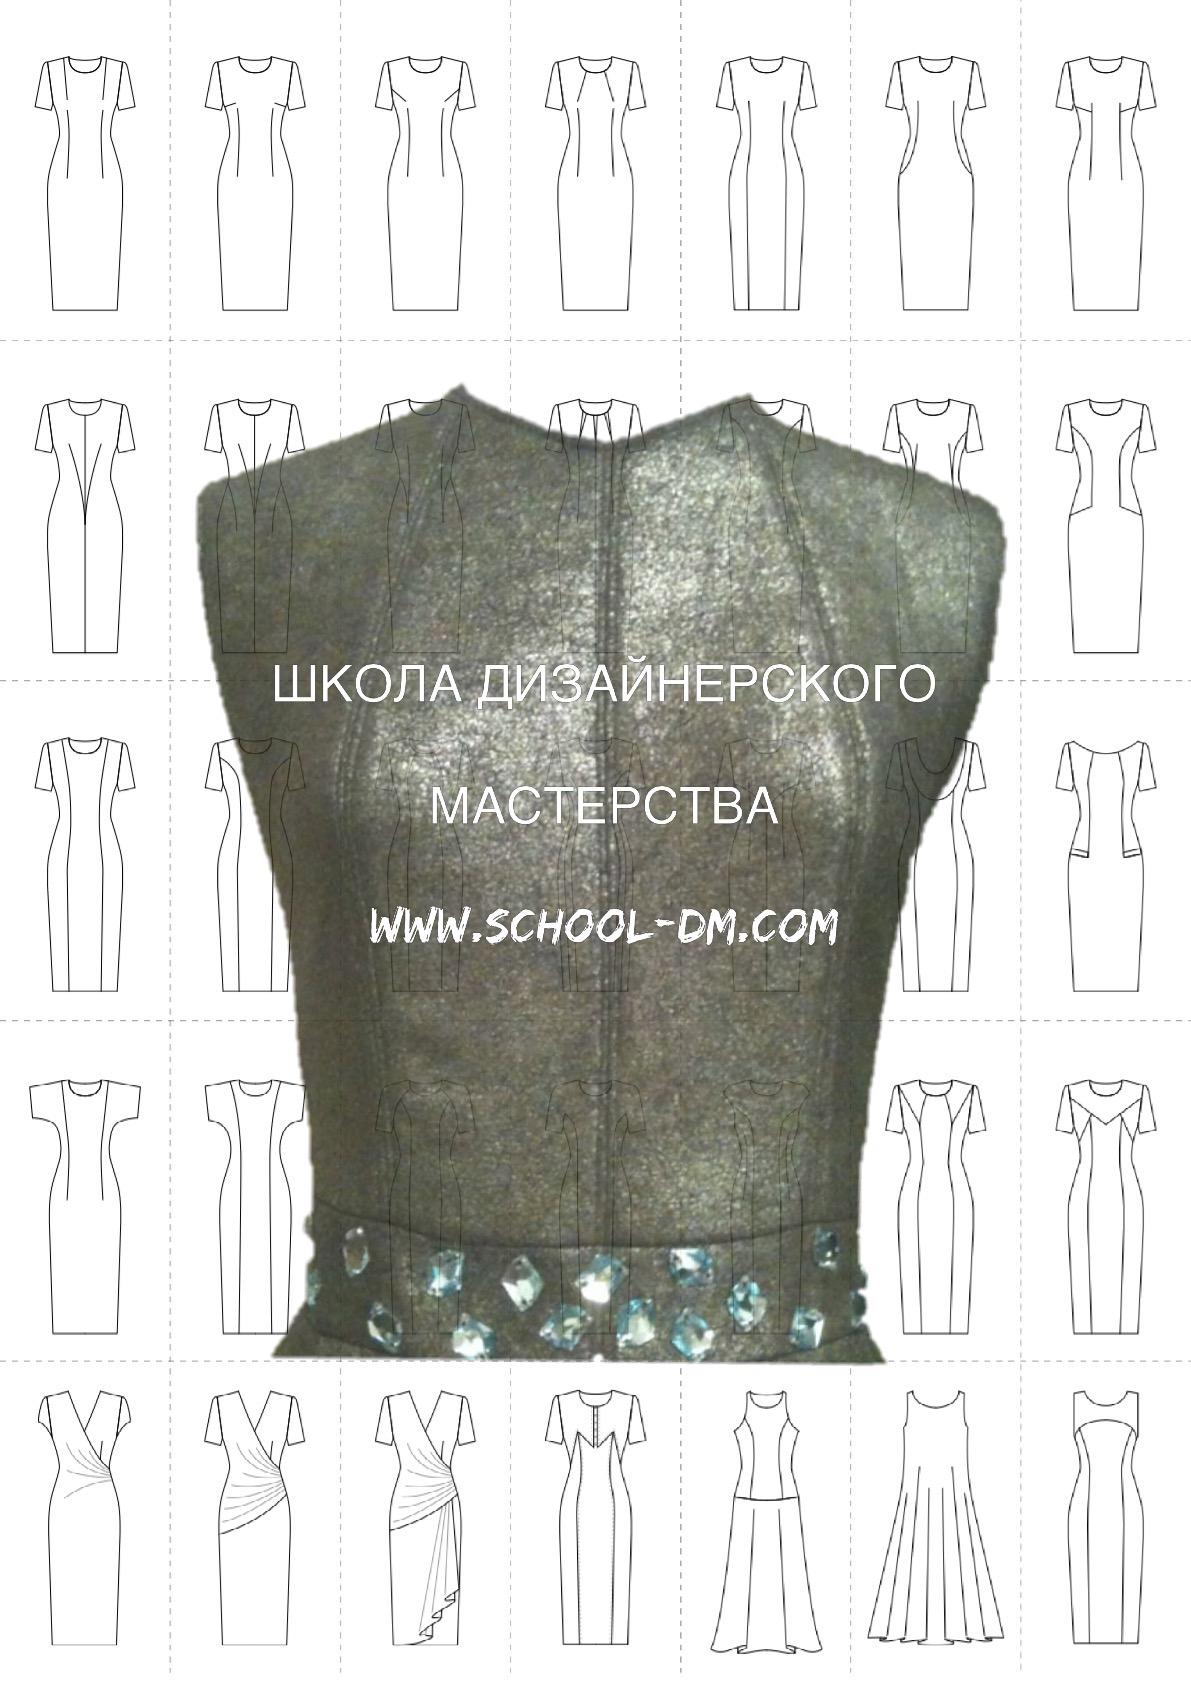 Шить платье, корсет, Школа дизайнерского мастерства